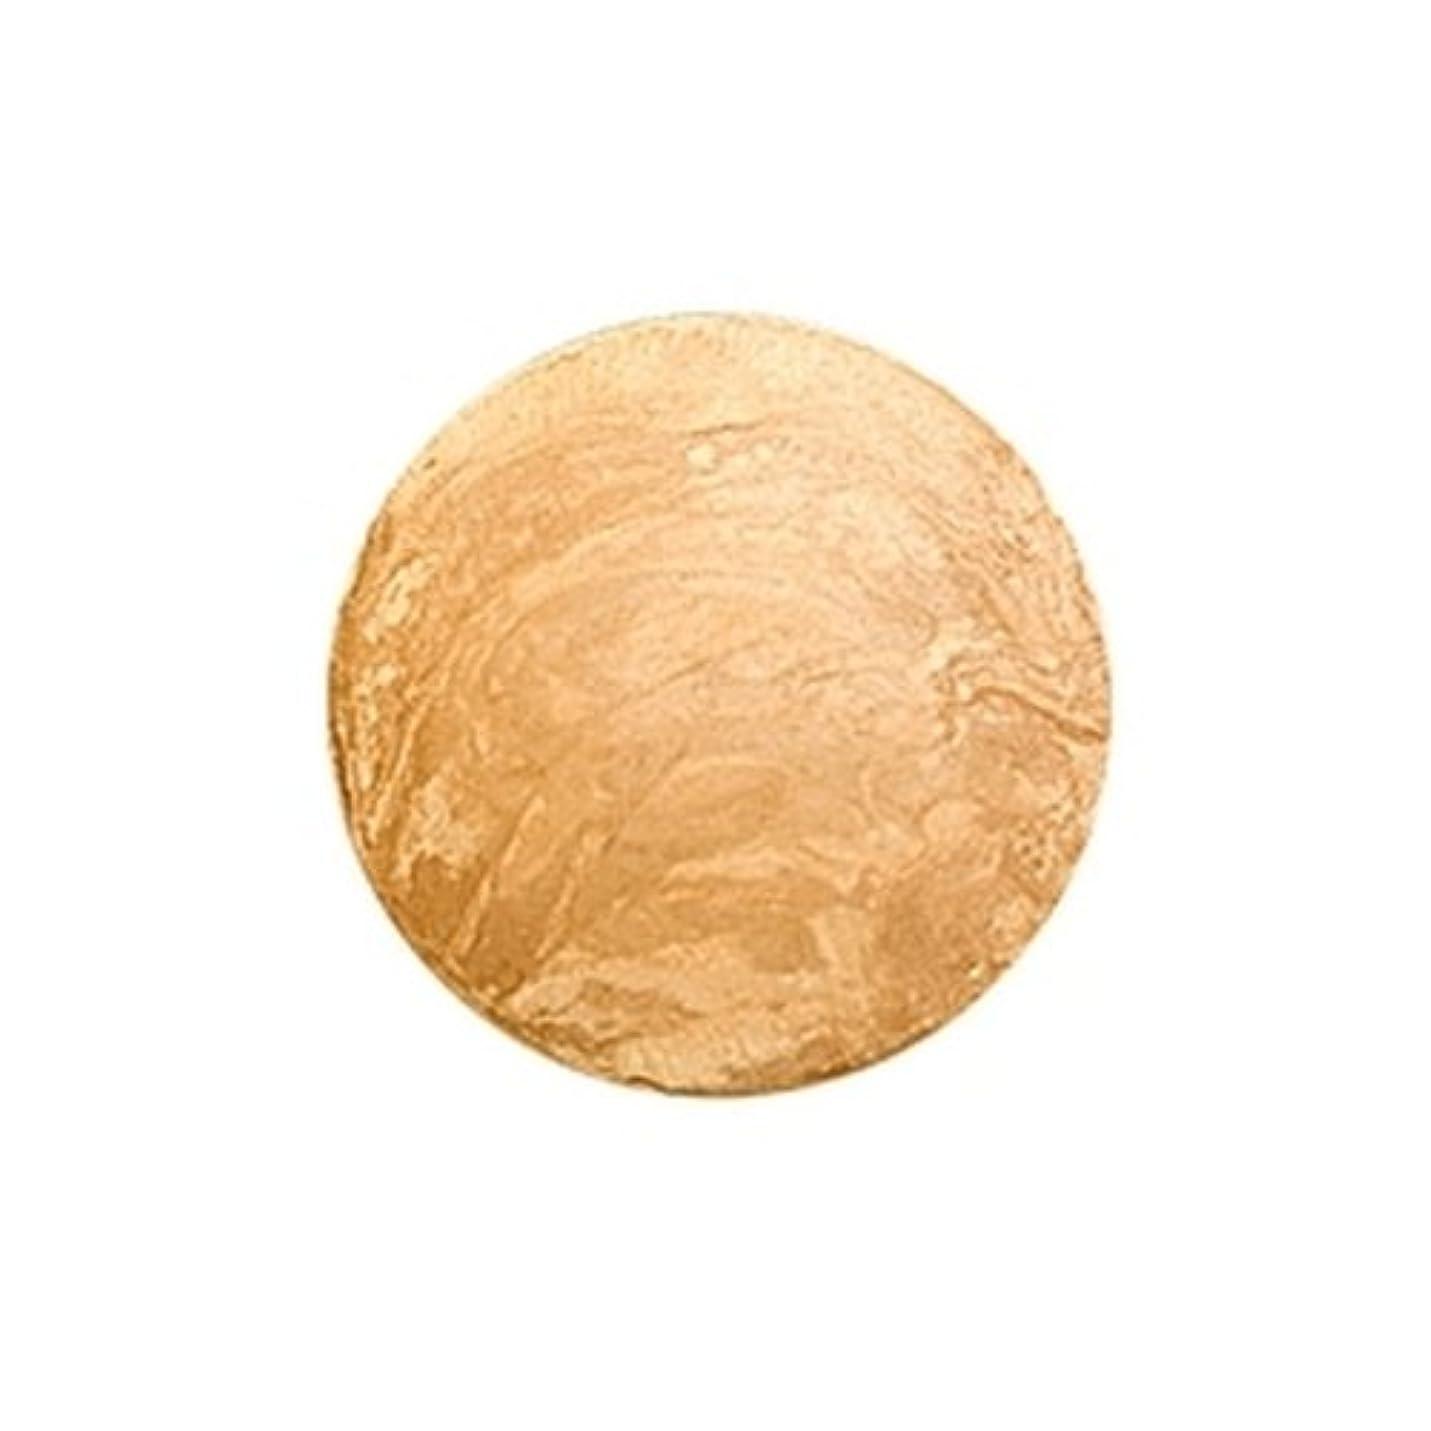 関数付属品複雑なMILANI Baked Bronzer - Glow (並行輸入品)